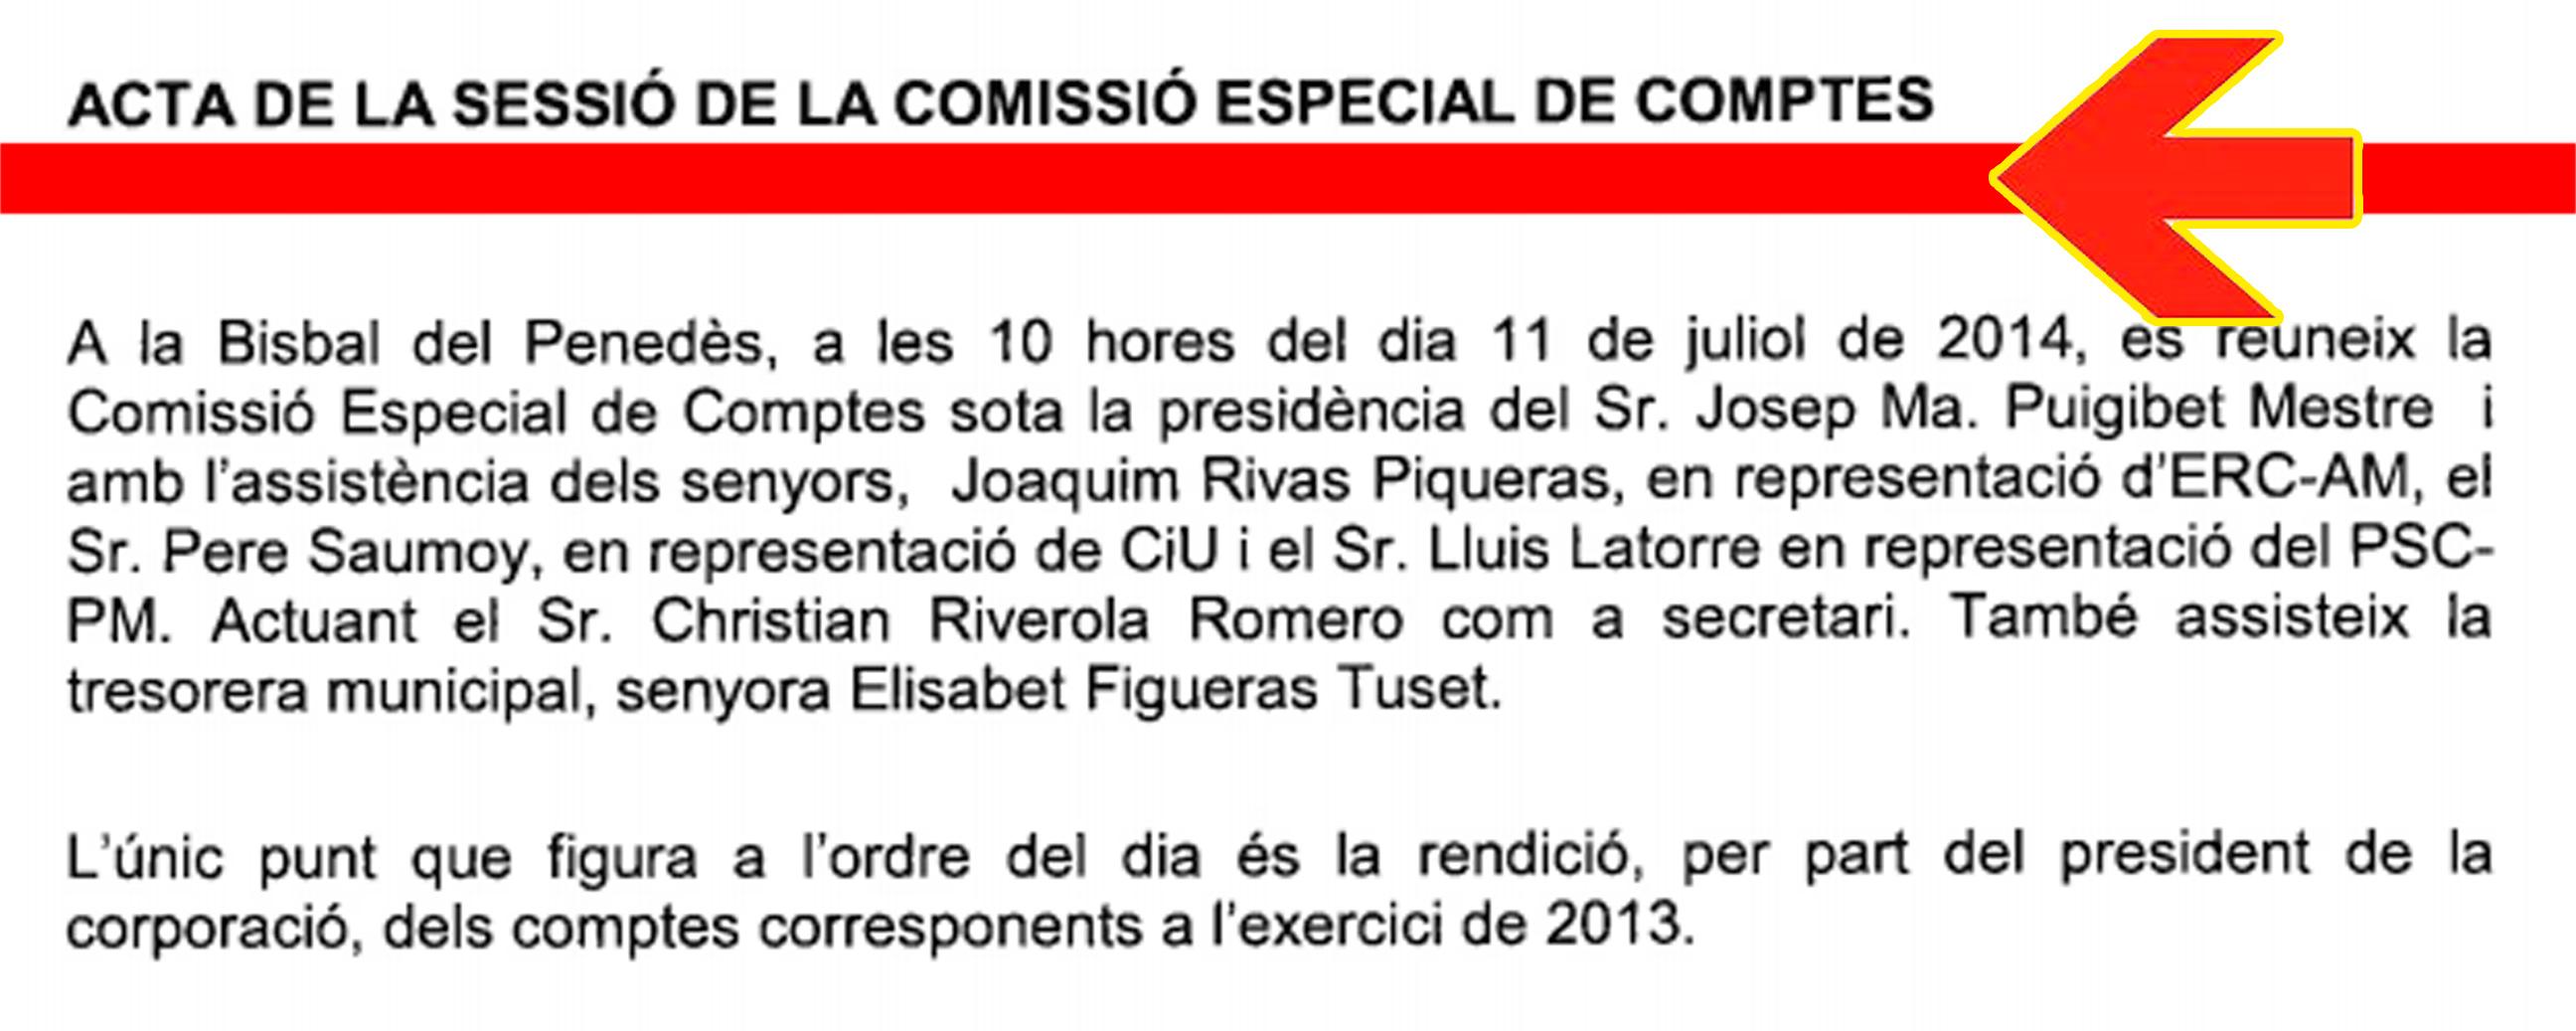 Comissió Especial de Comptes